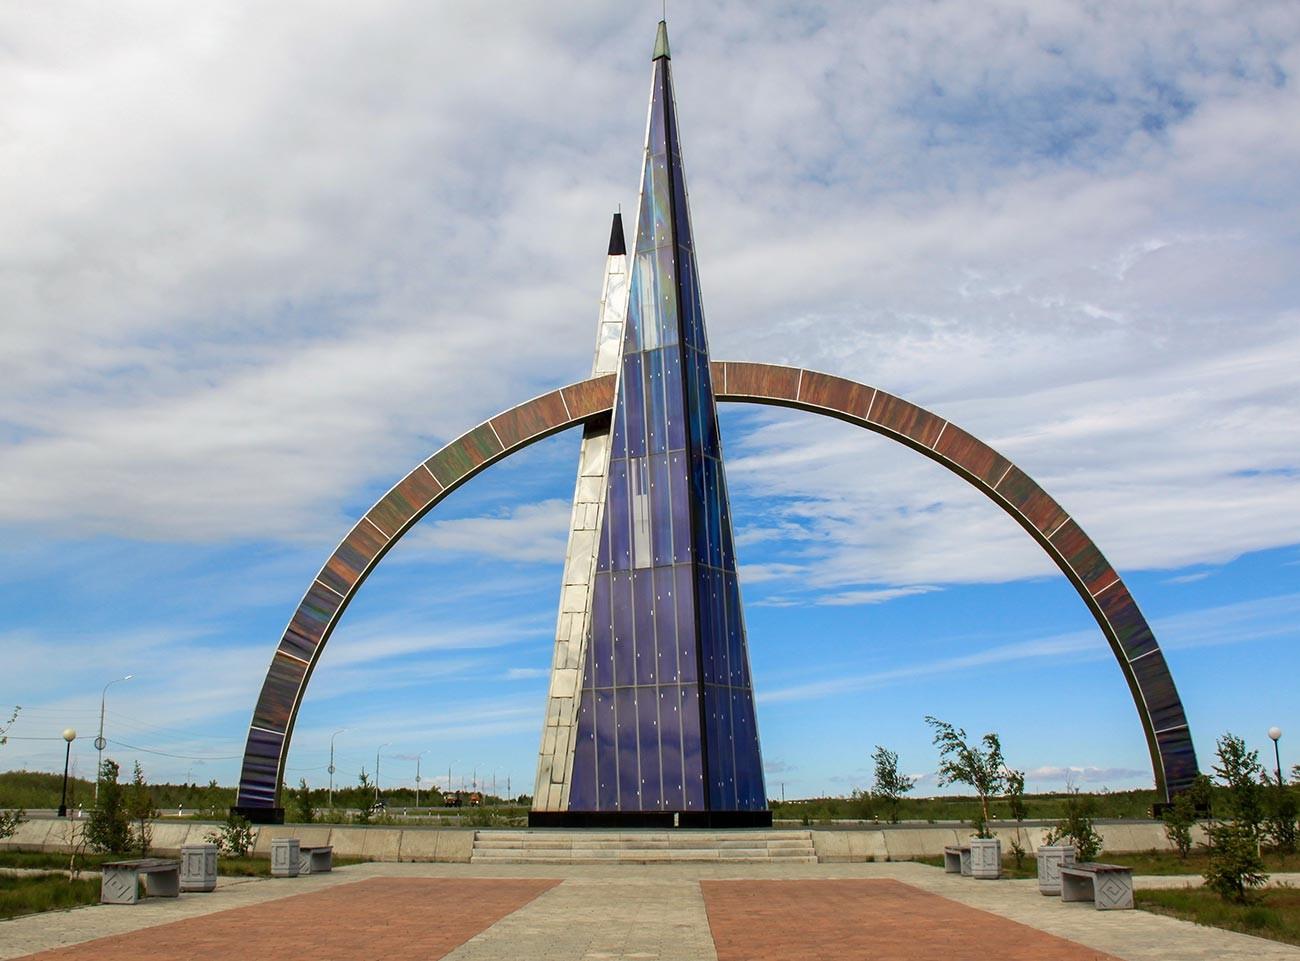 Il monumento al 66° parallelo